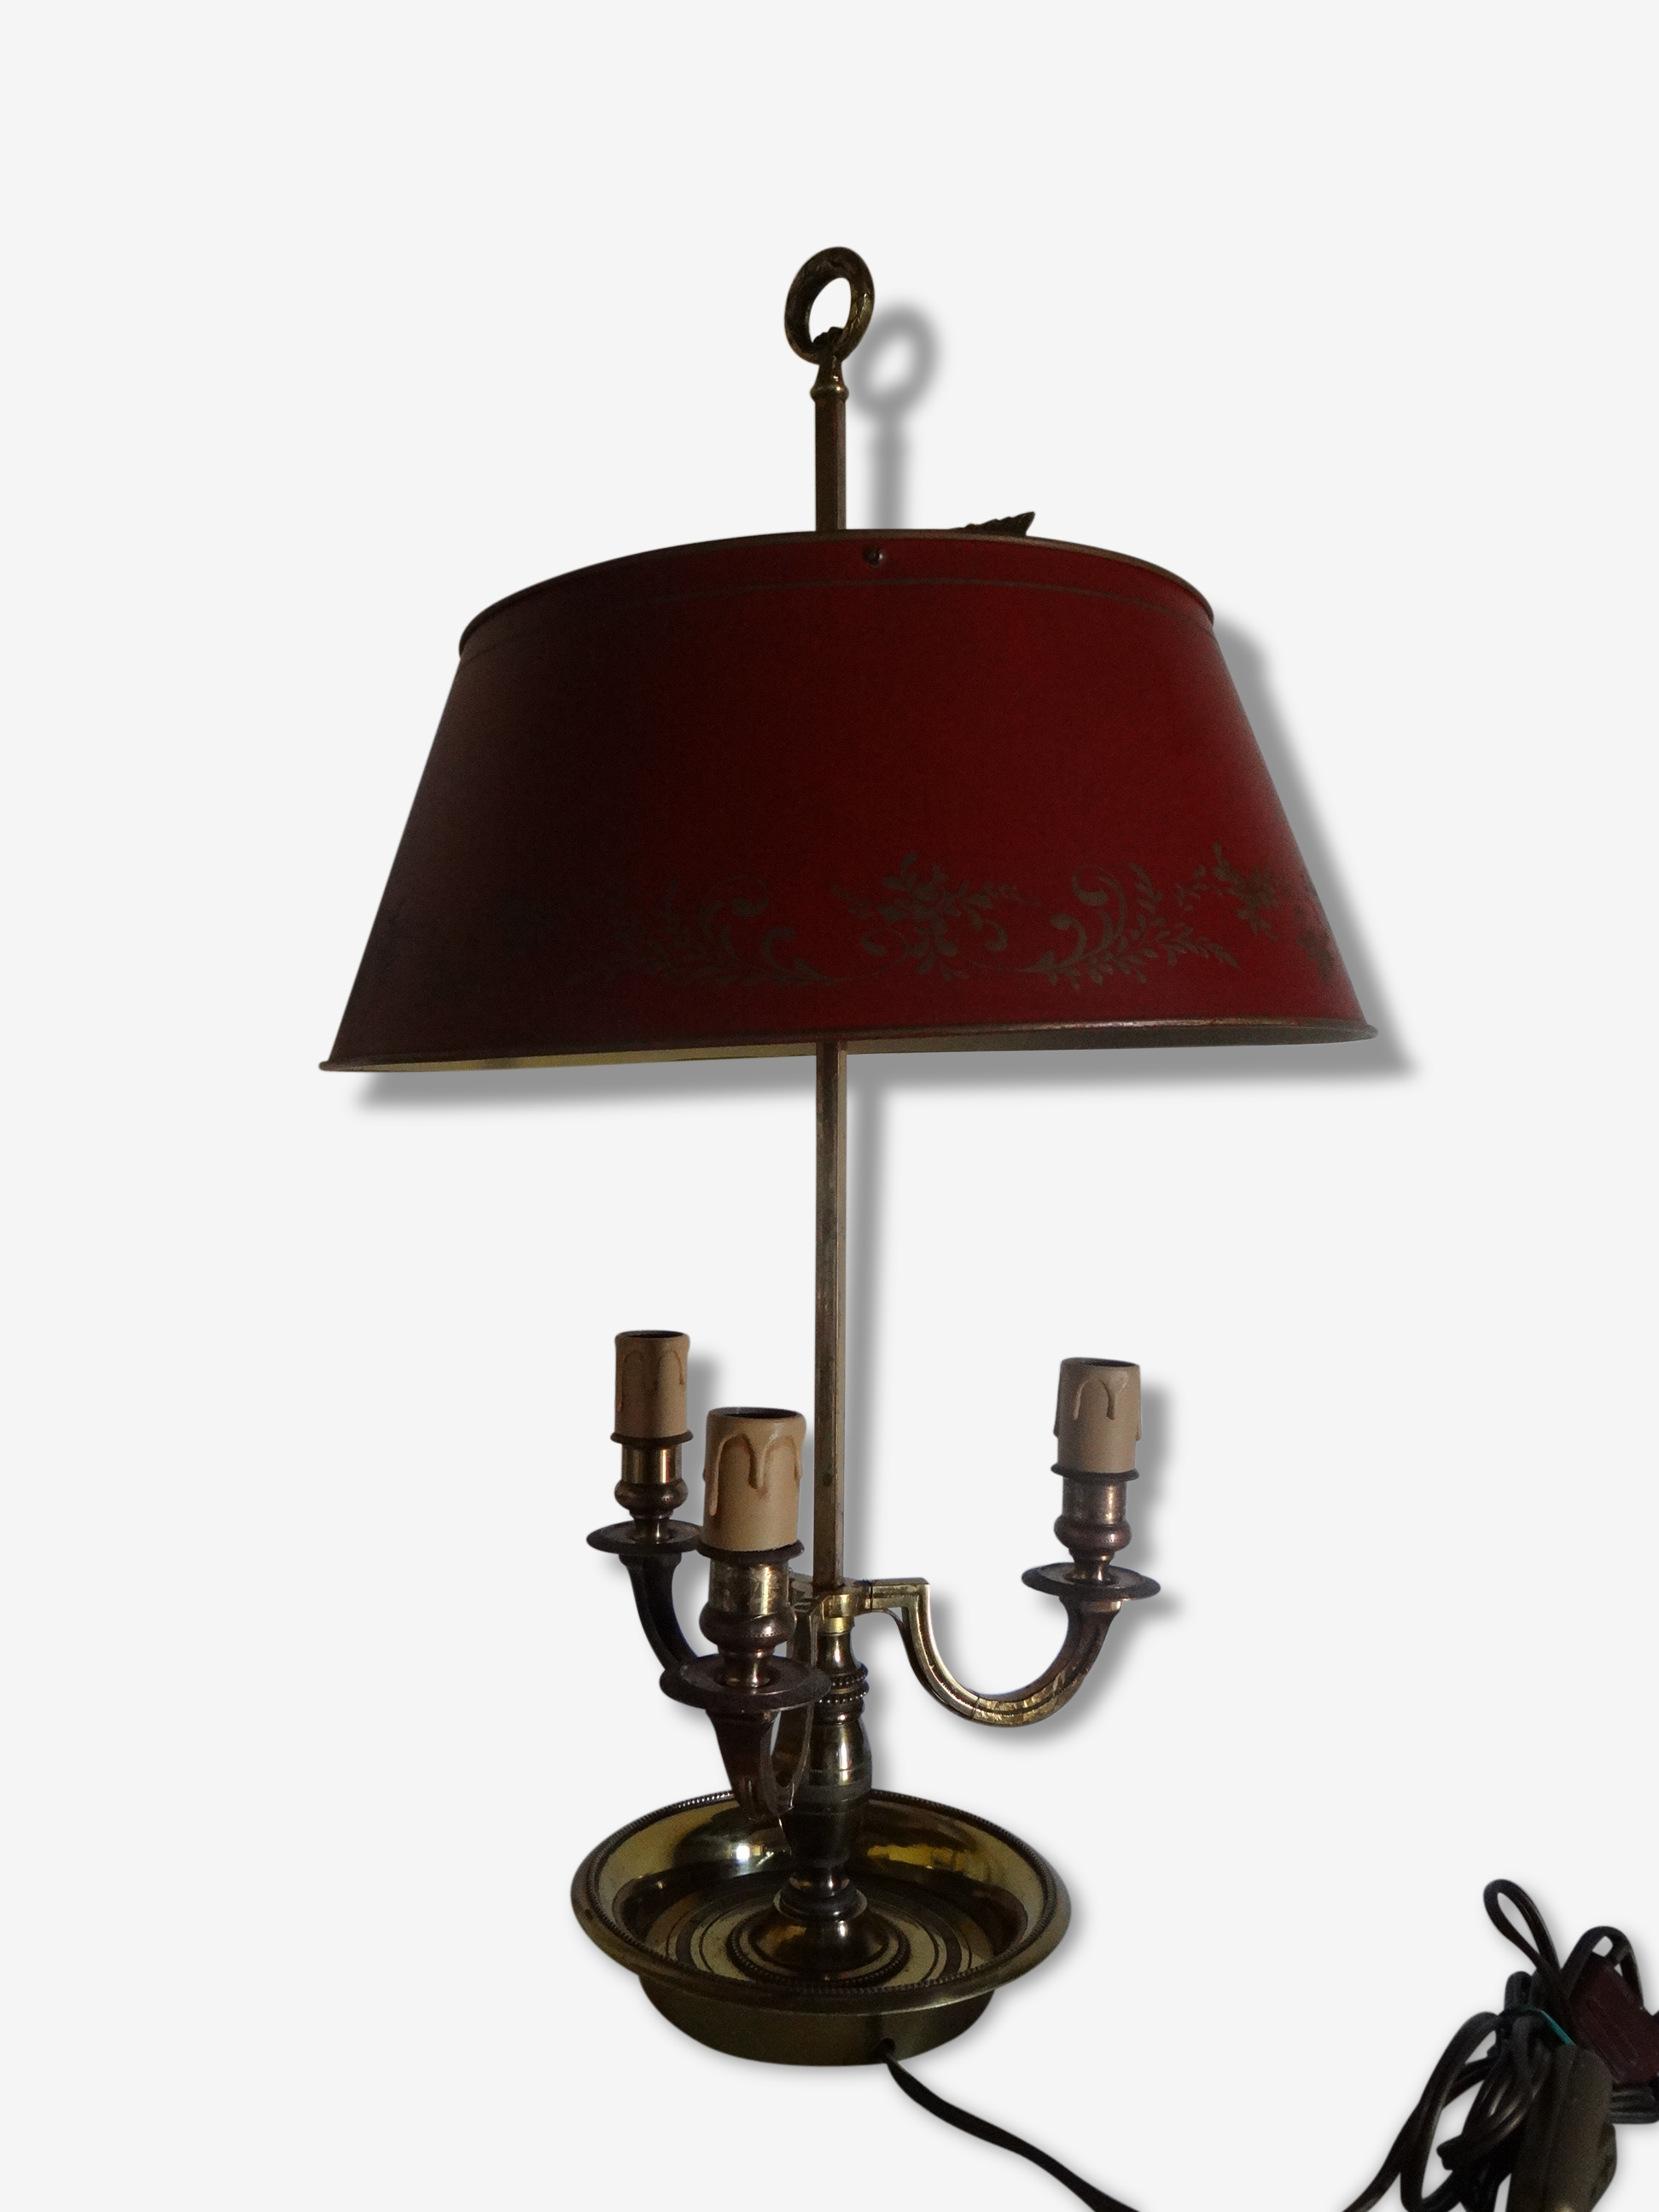 Lampe Bouillotte Style Empire 3 Lumieres Abat Jour Tole Rouge